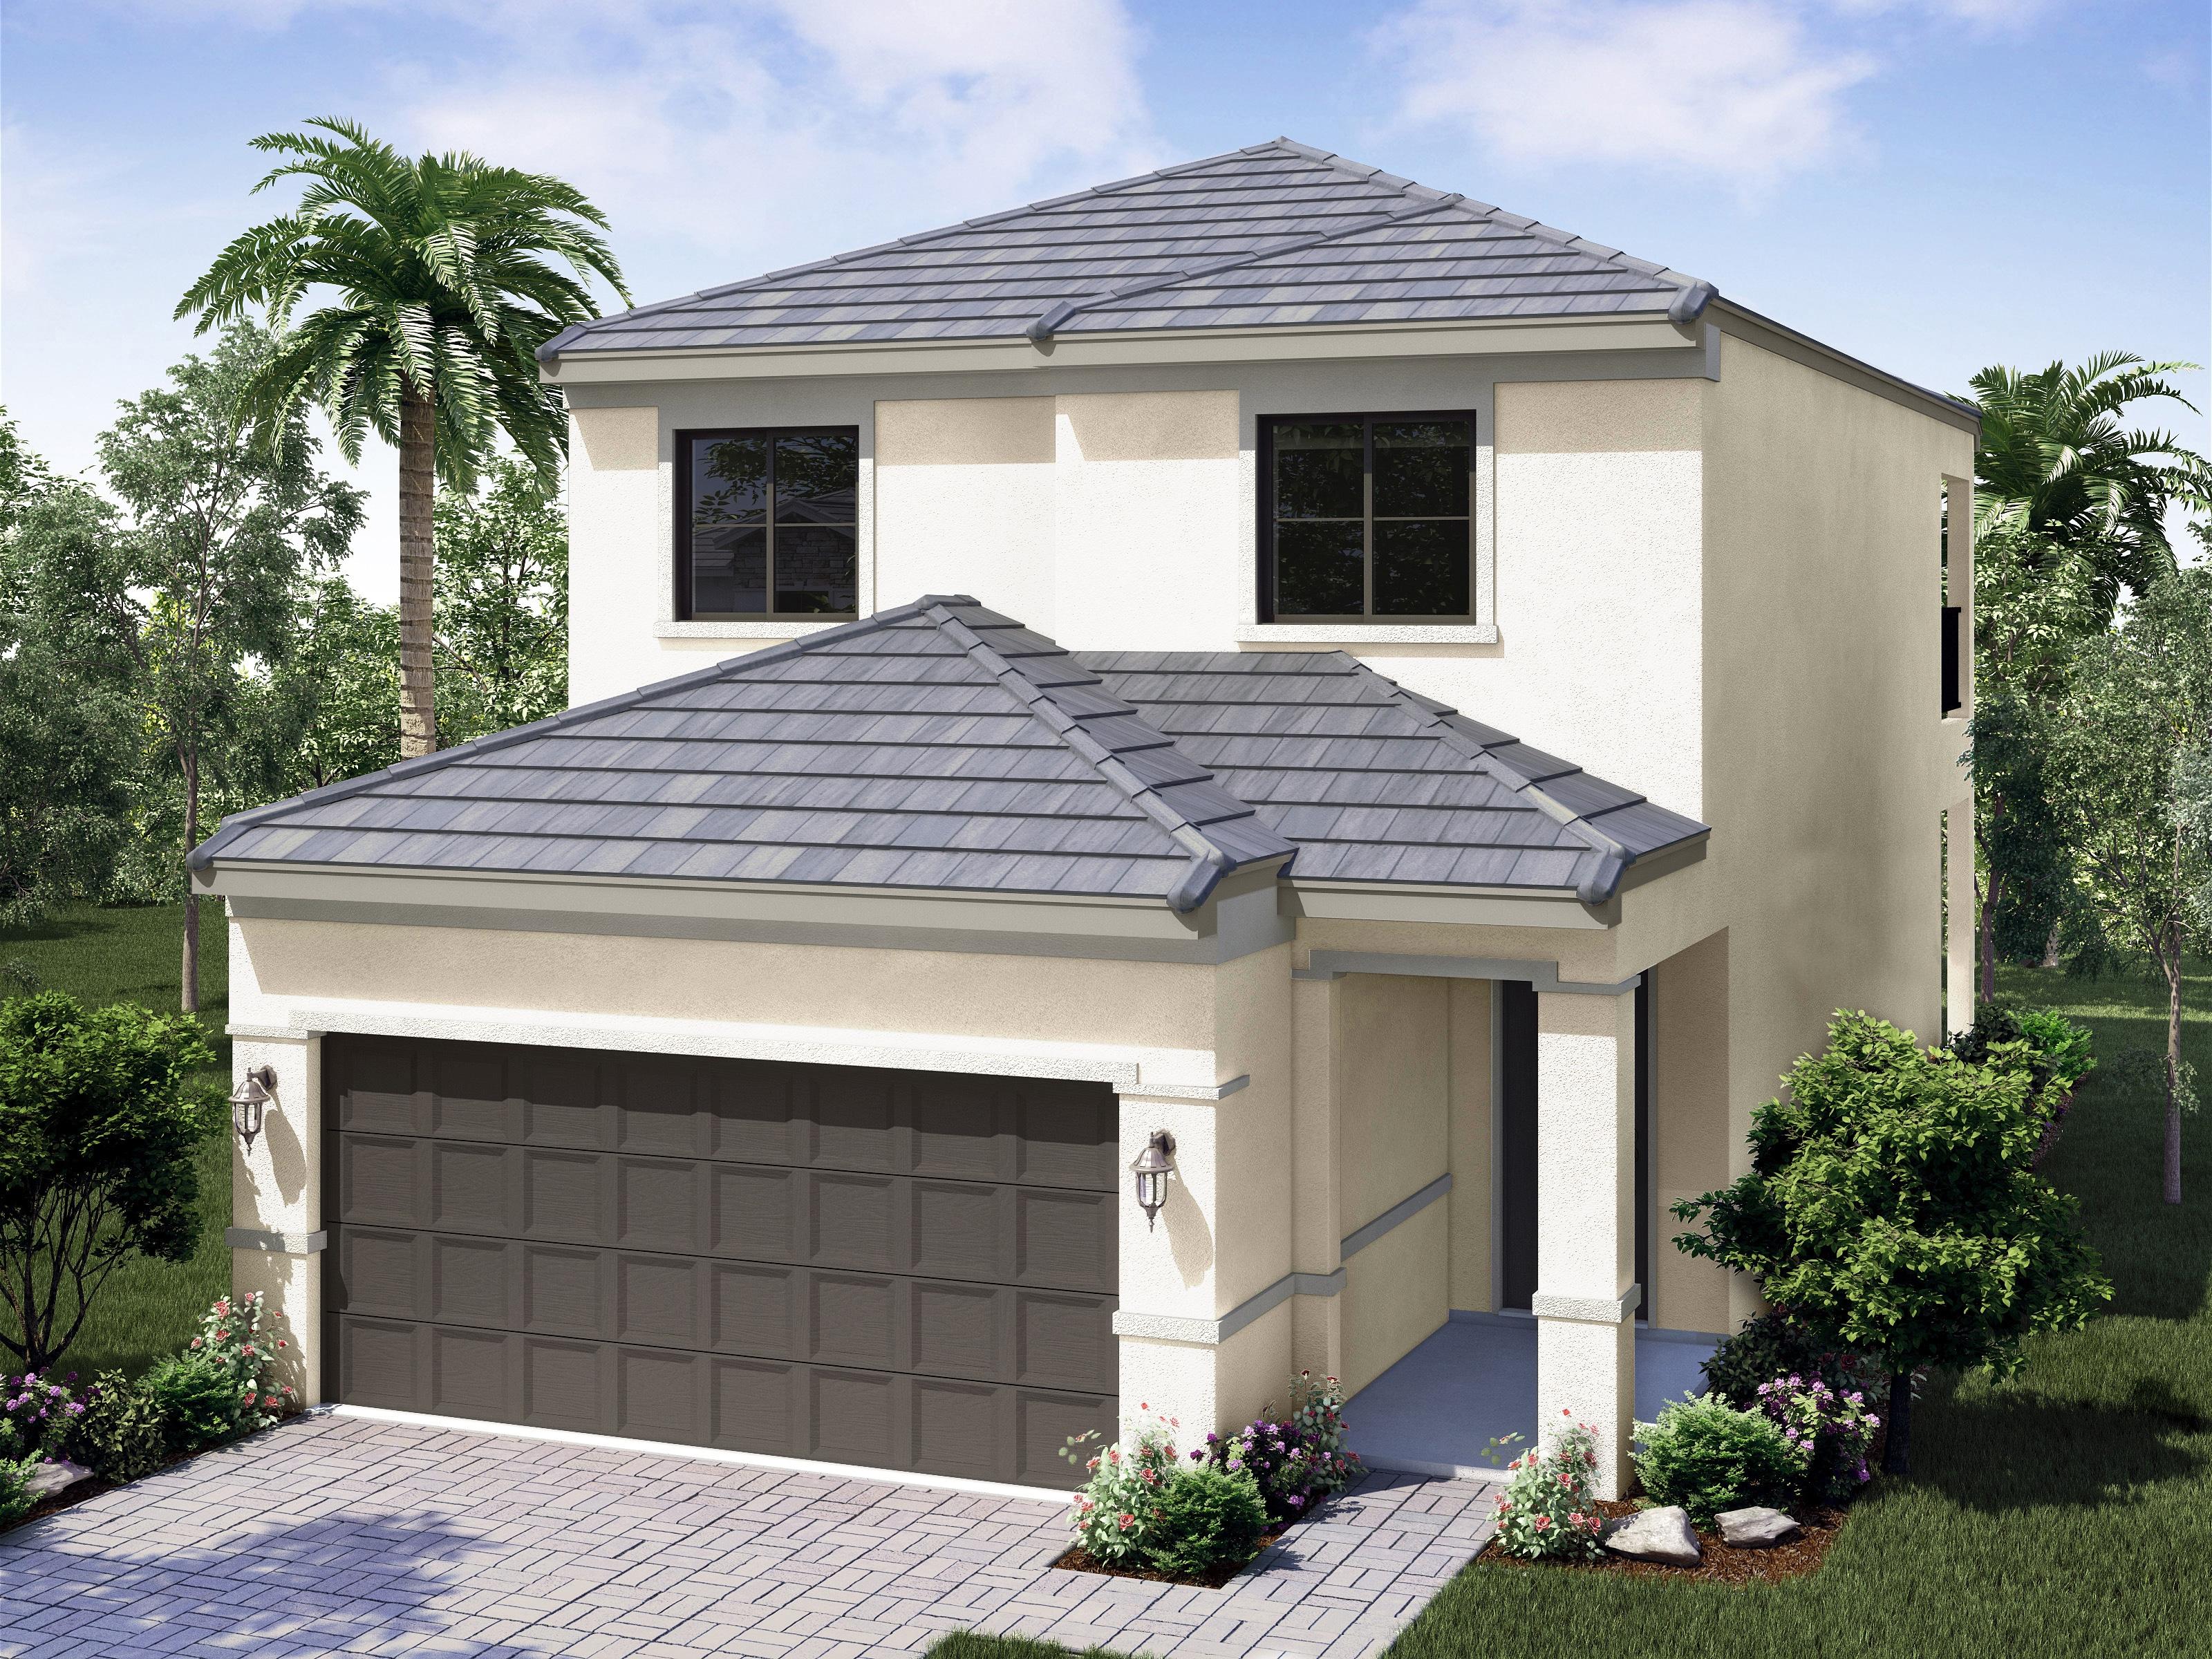 New Construction in Pompano Beach, FL